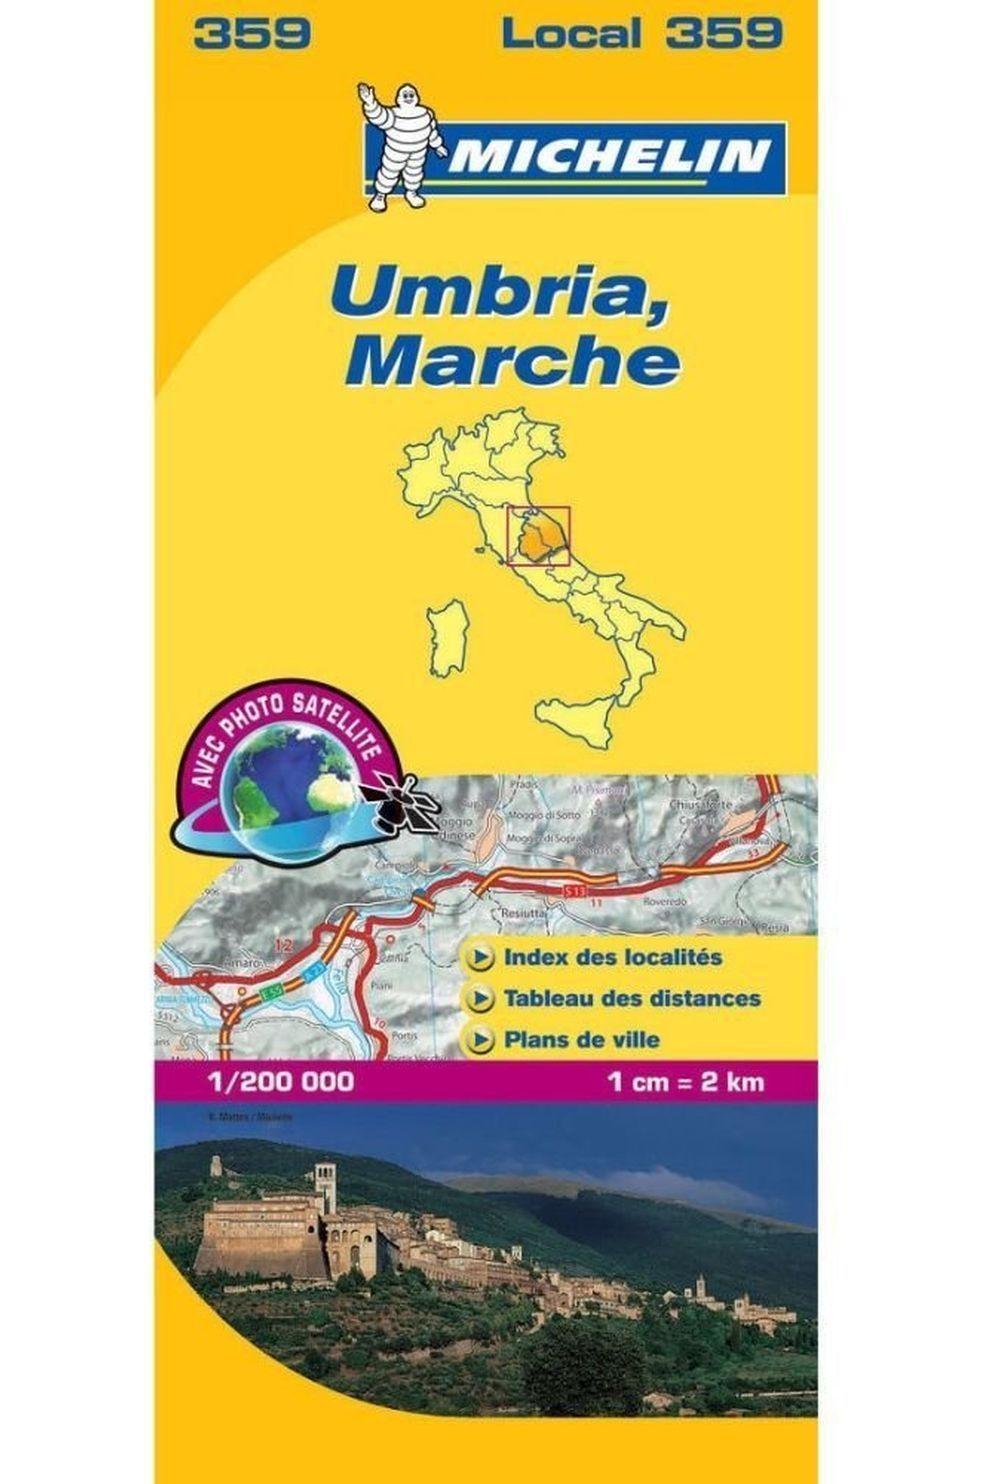 Michelin Umbrië - Marche 359 mich (r) - 2018